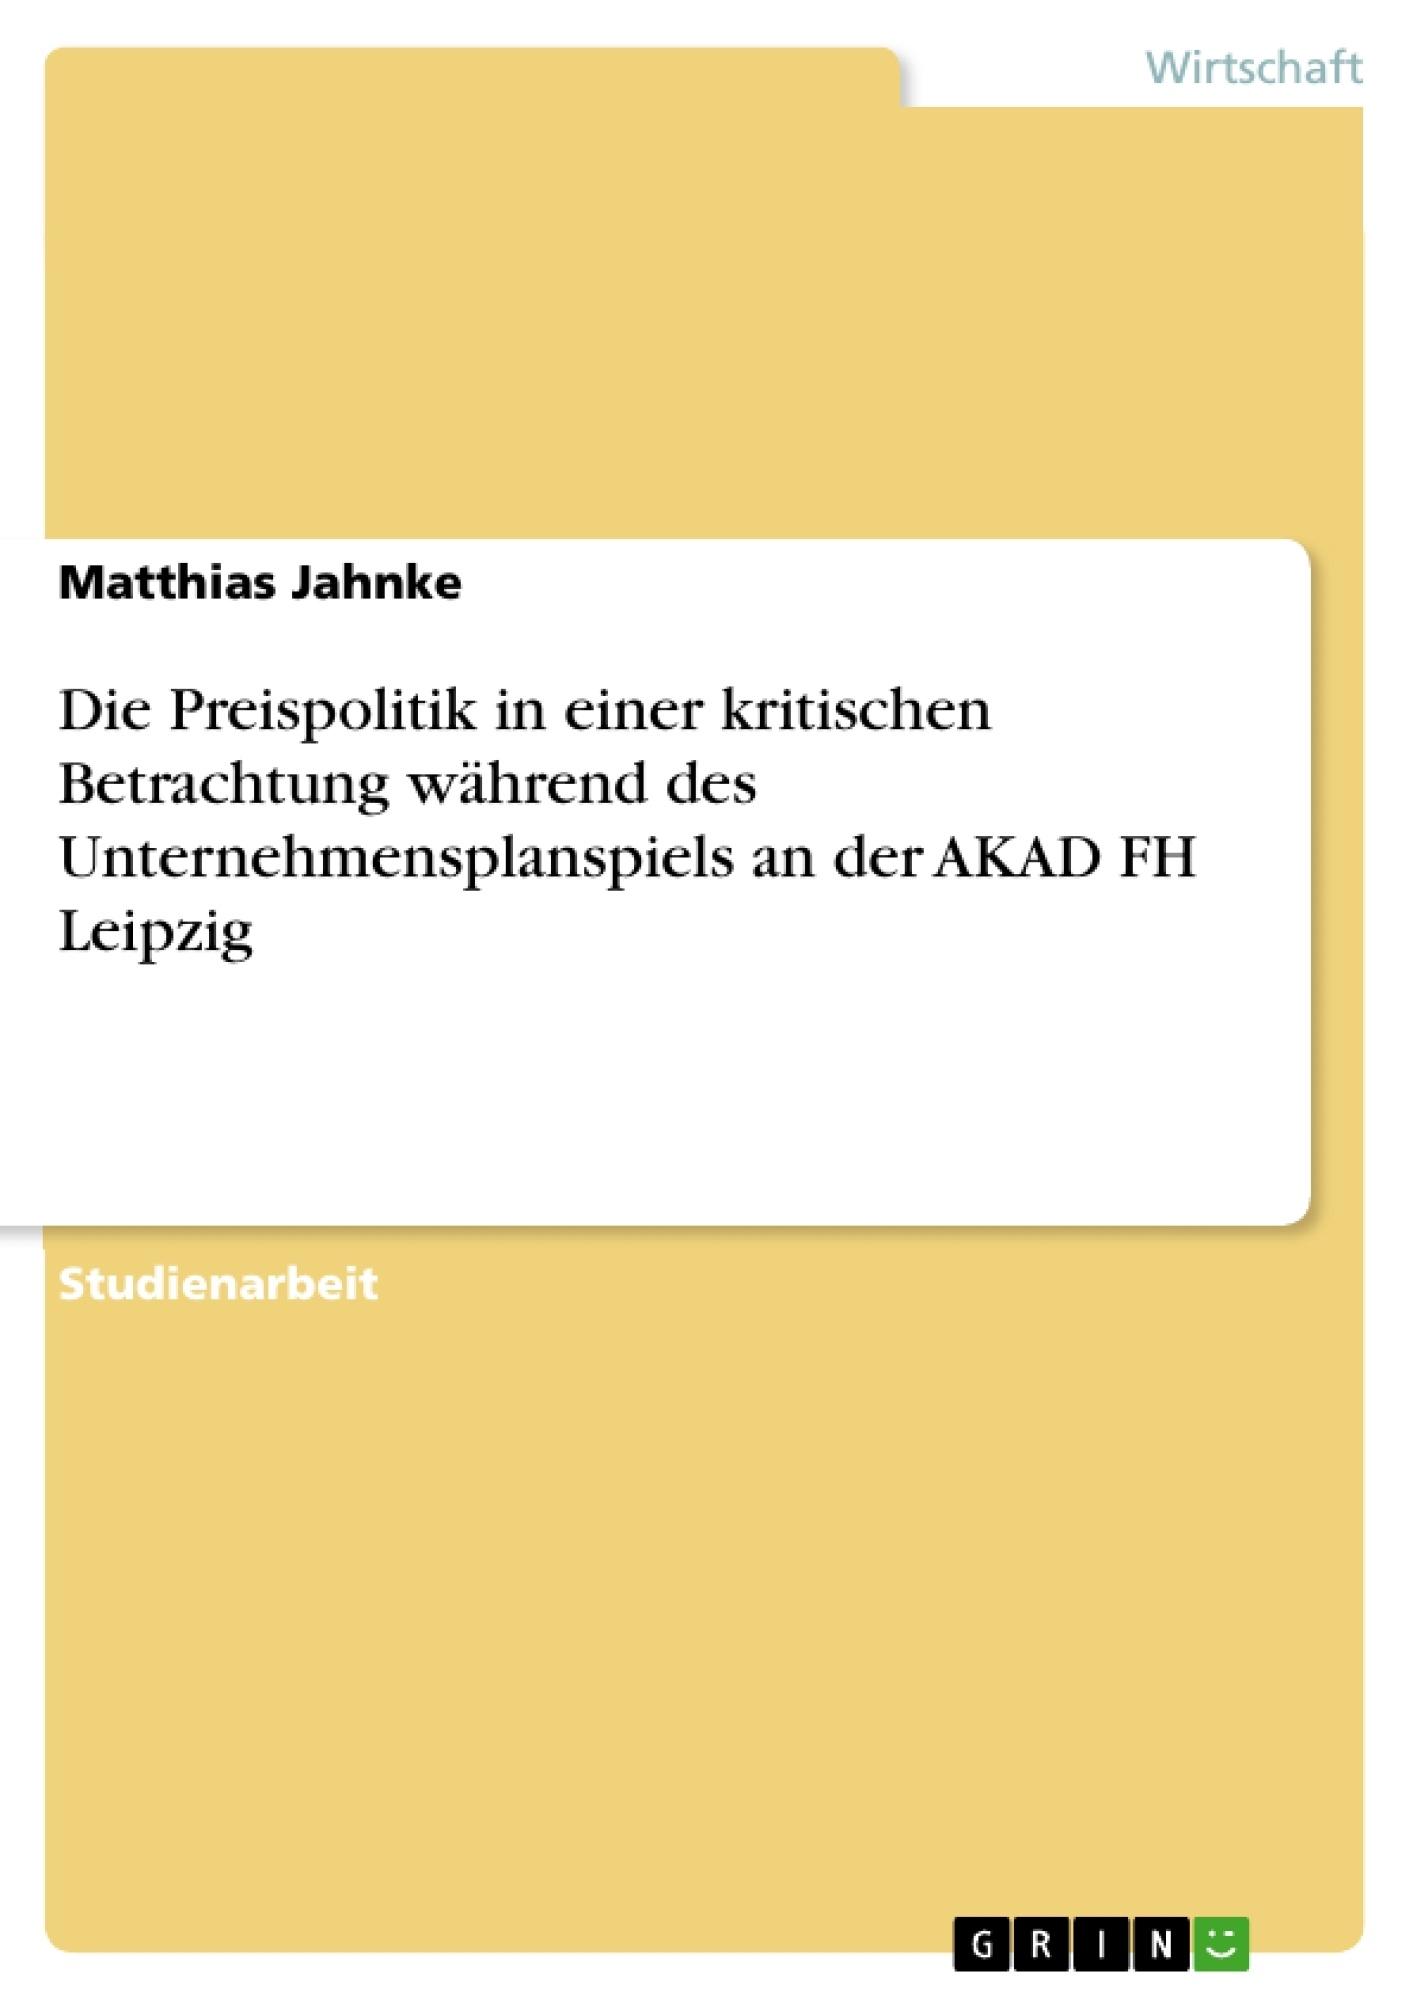 Titel: Die Preispolitik in einer kritischen Betrachtung während des Unternehmensplanspiels an der AKAD FH Leipzig